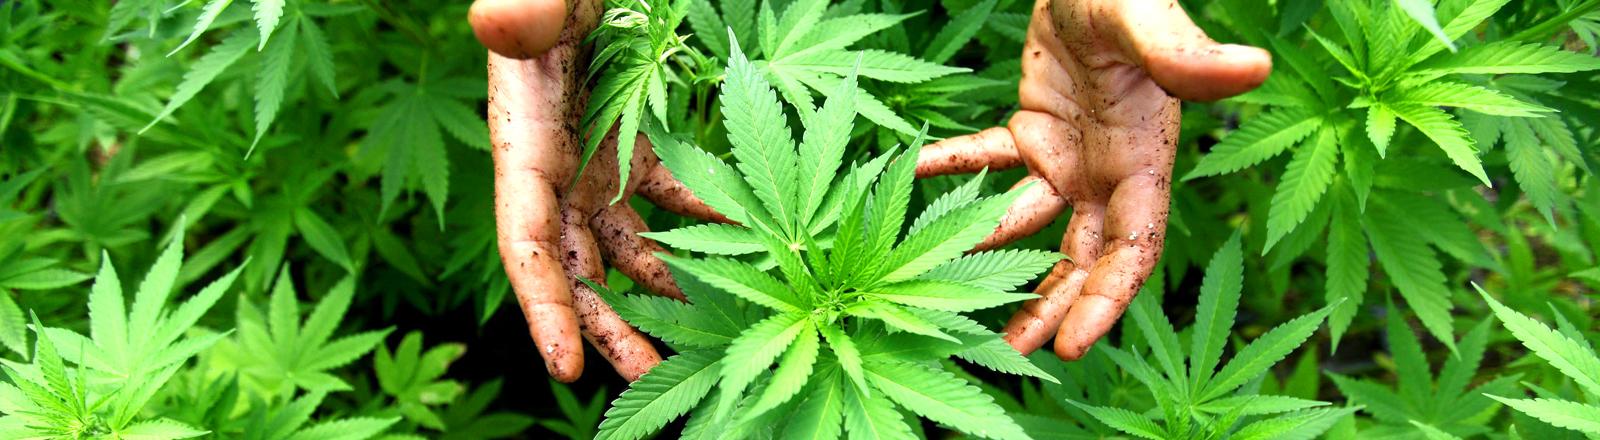 Hände greifen nach Hanfpflanzen. dpa